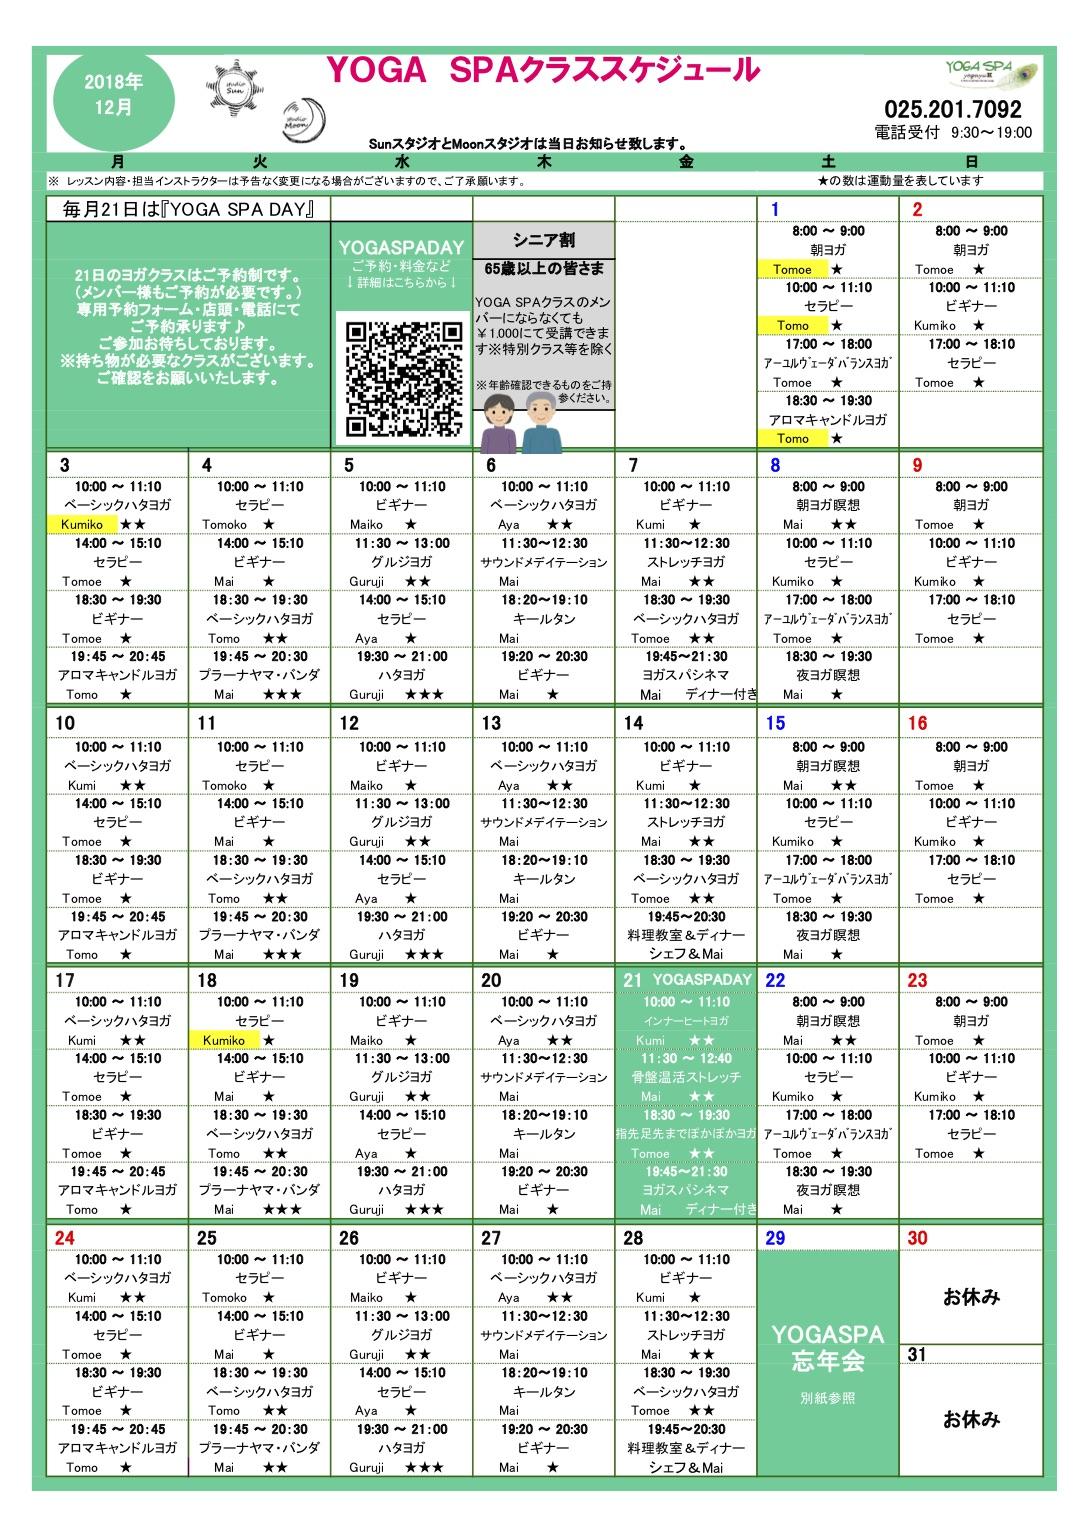 12月スケジュール表